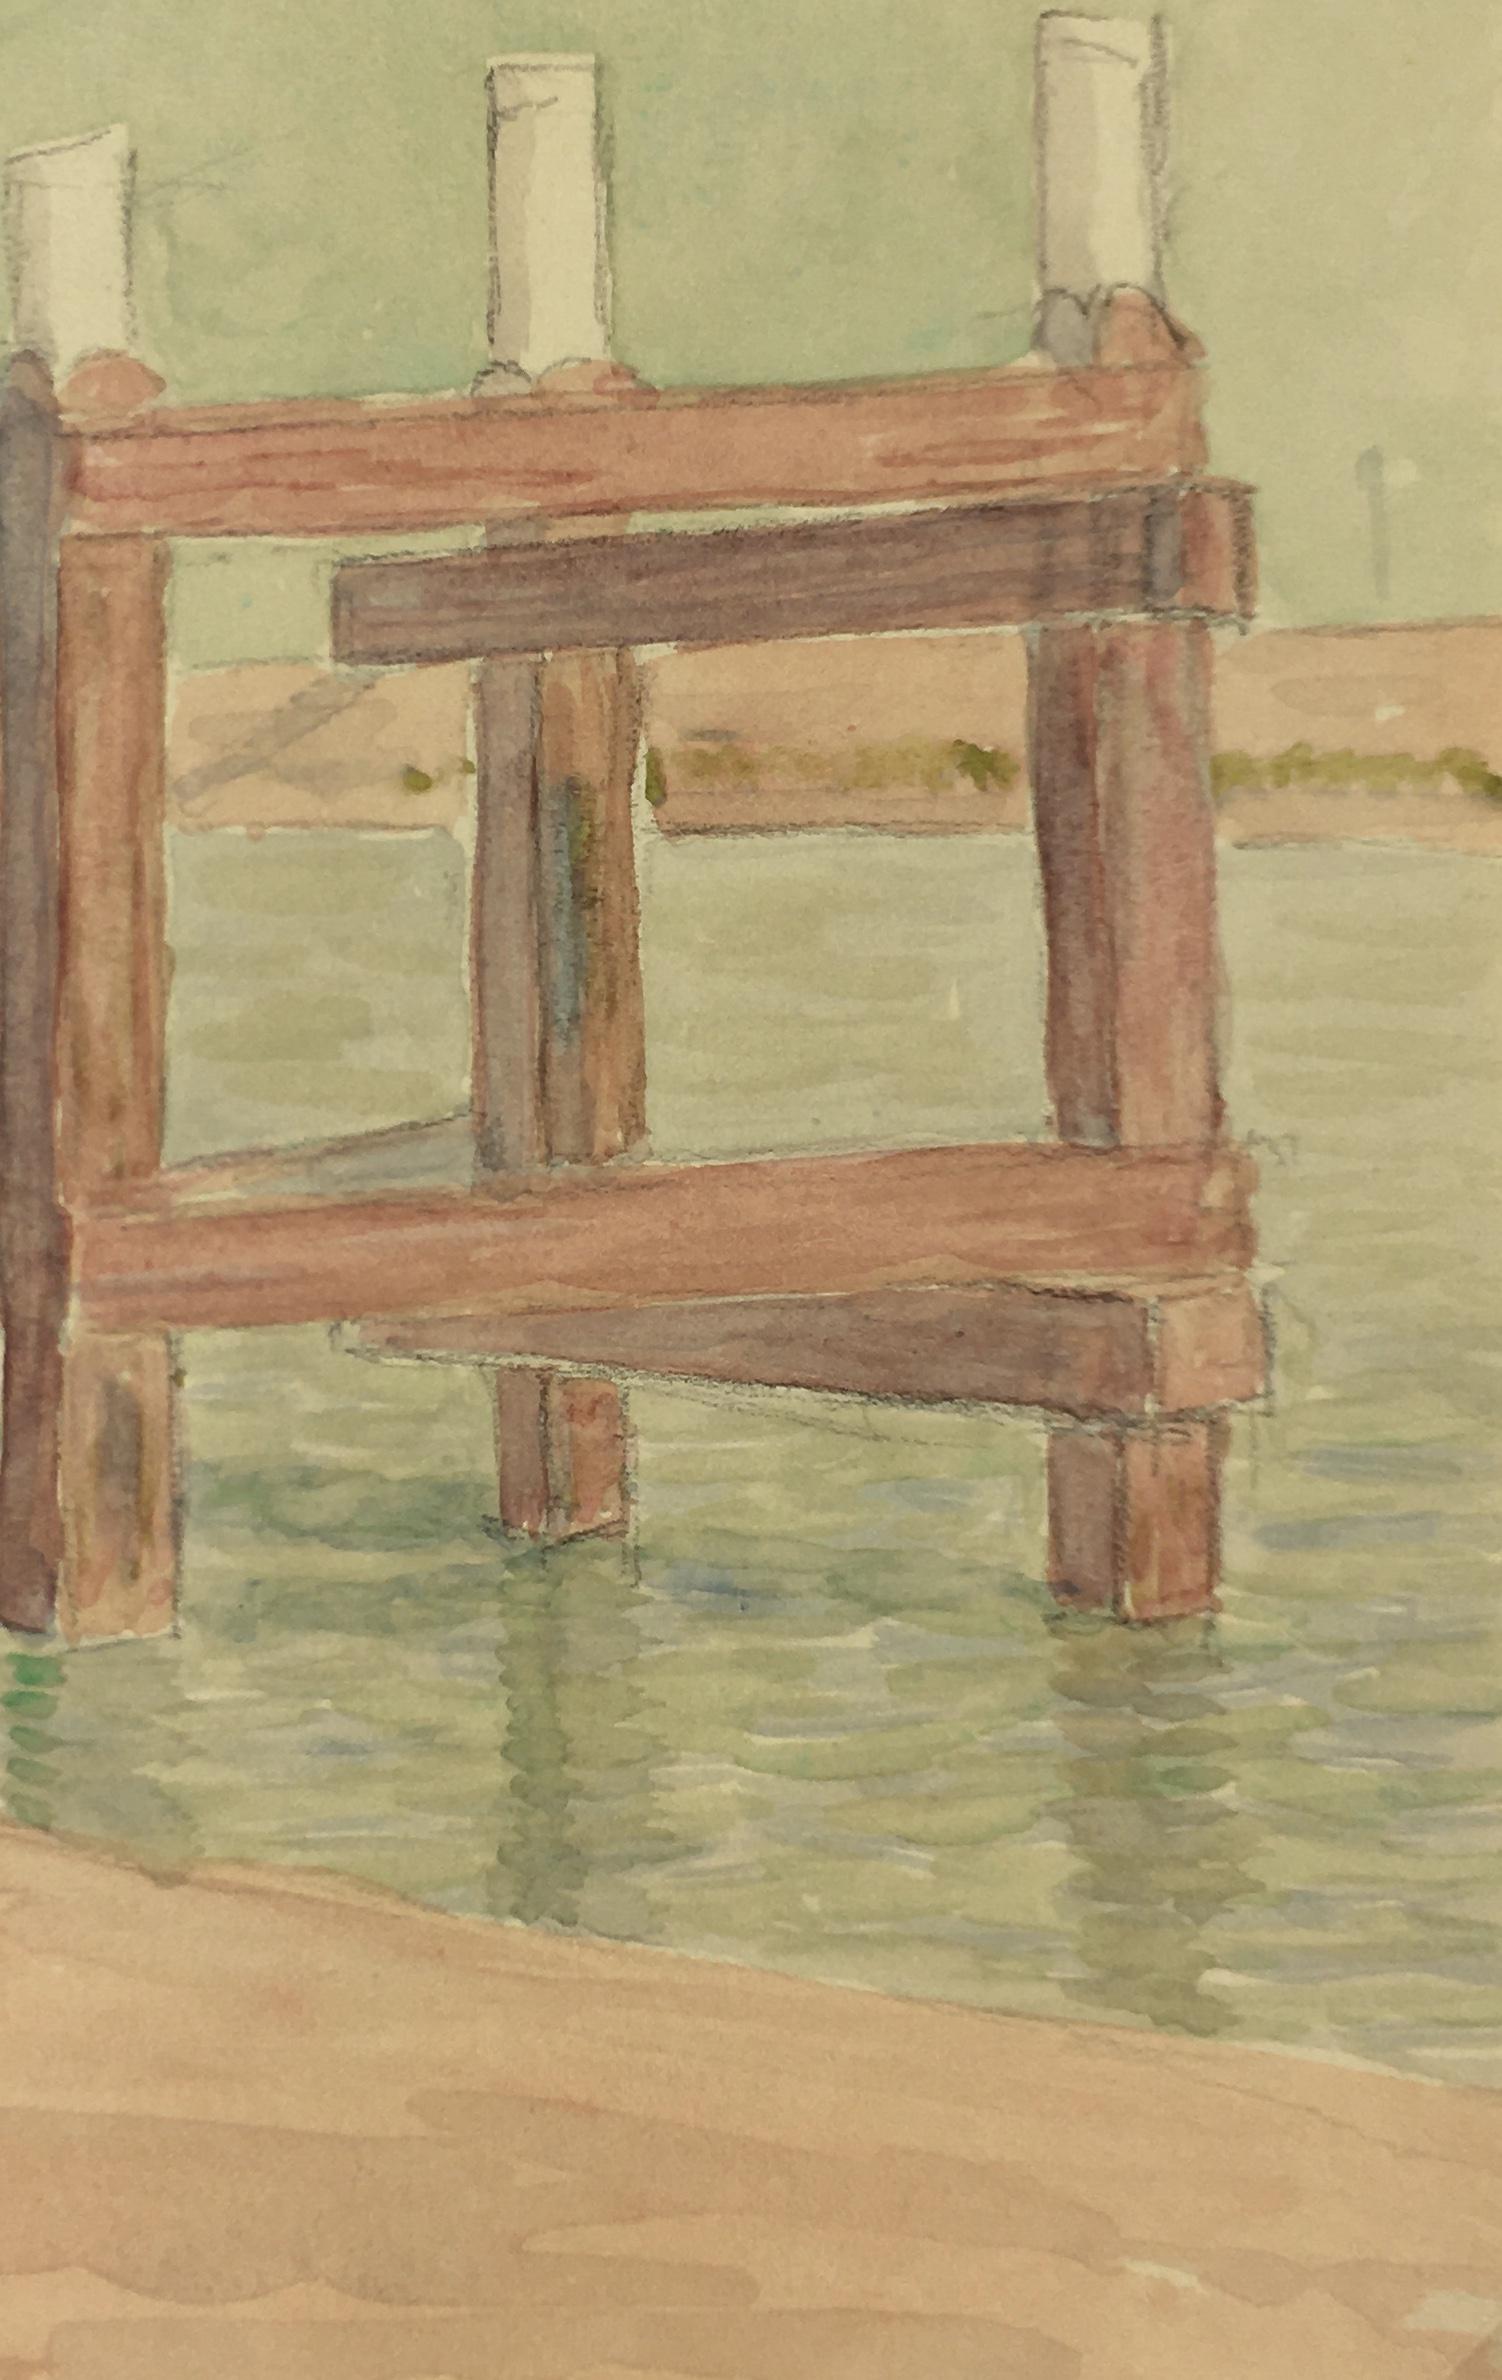 Maritime Original Art - Pier, 1934